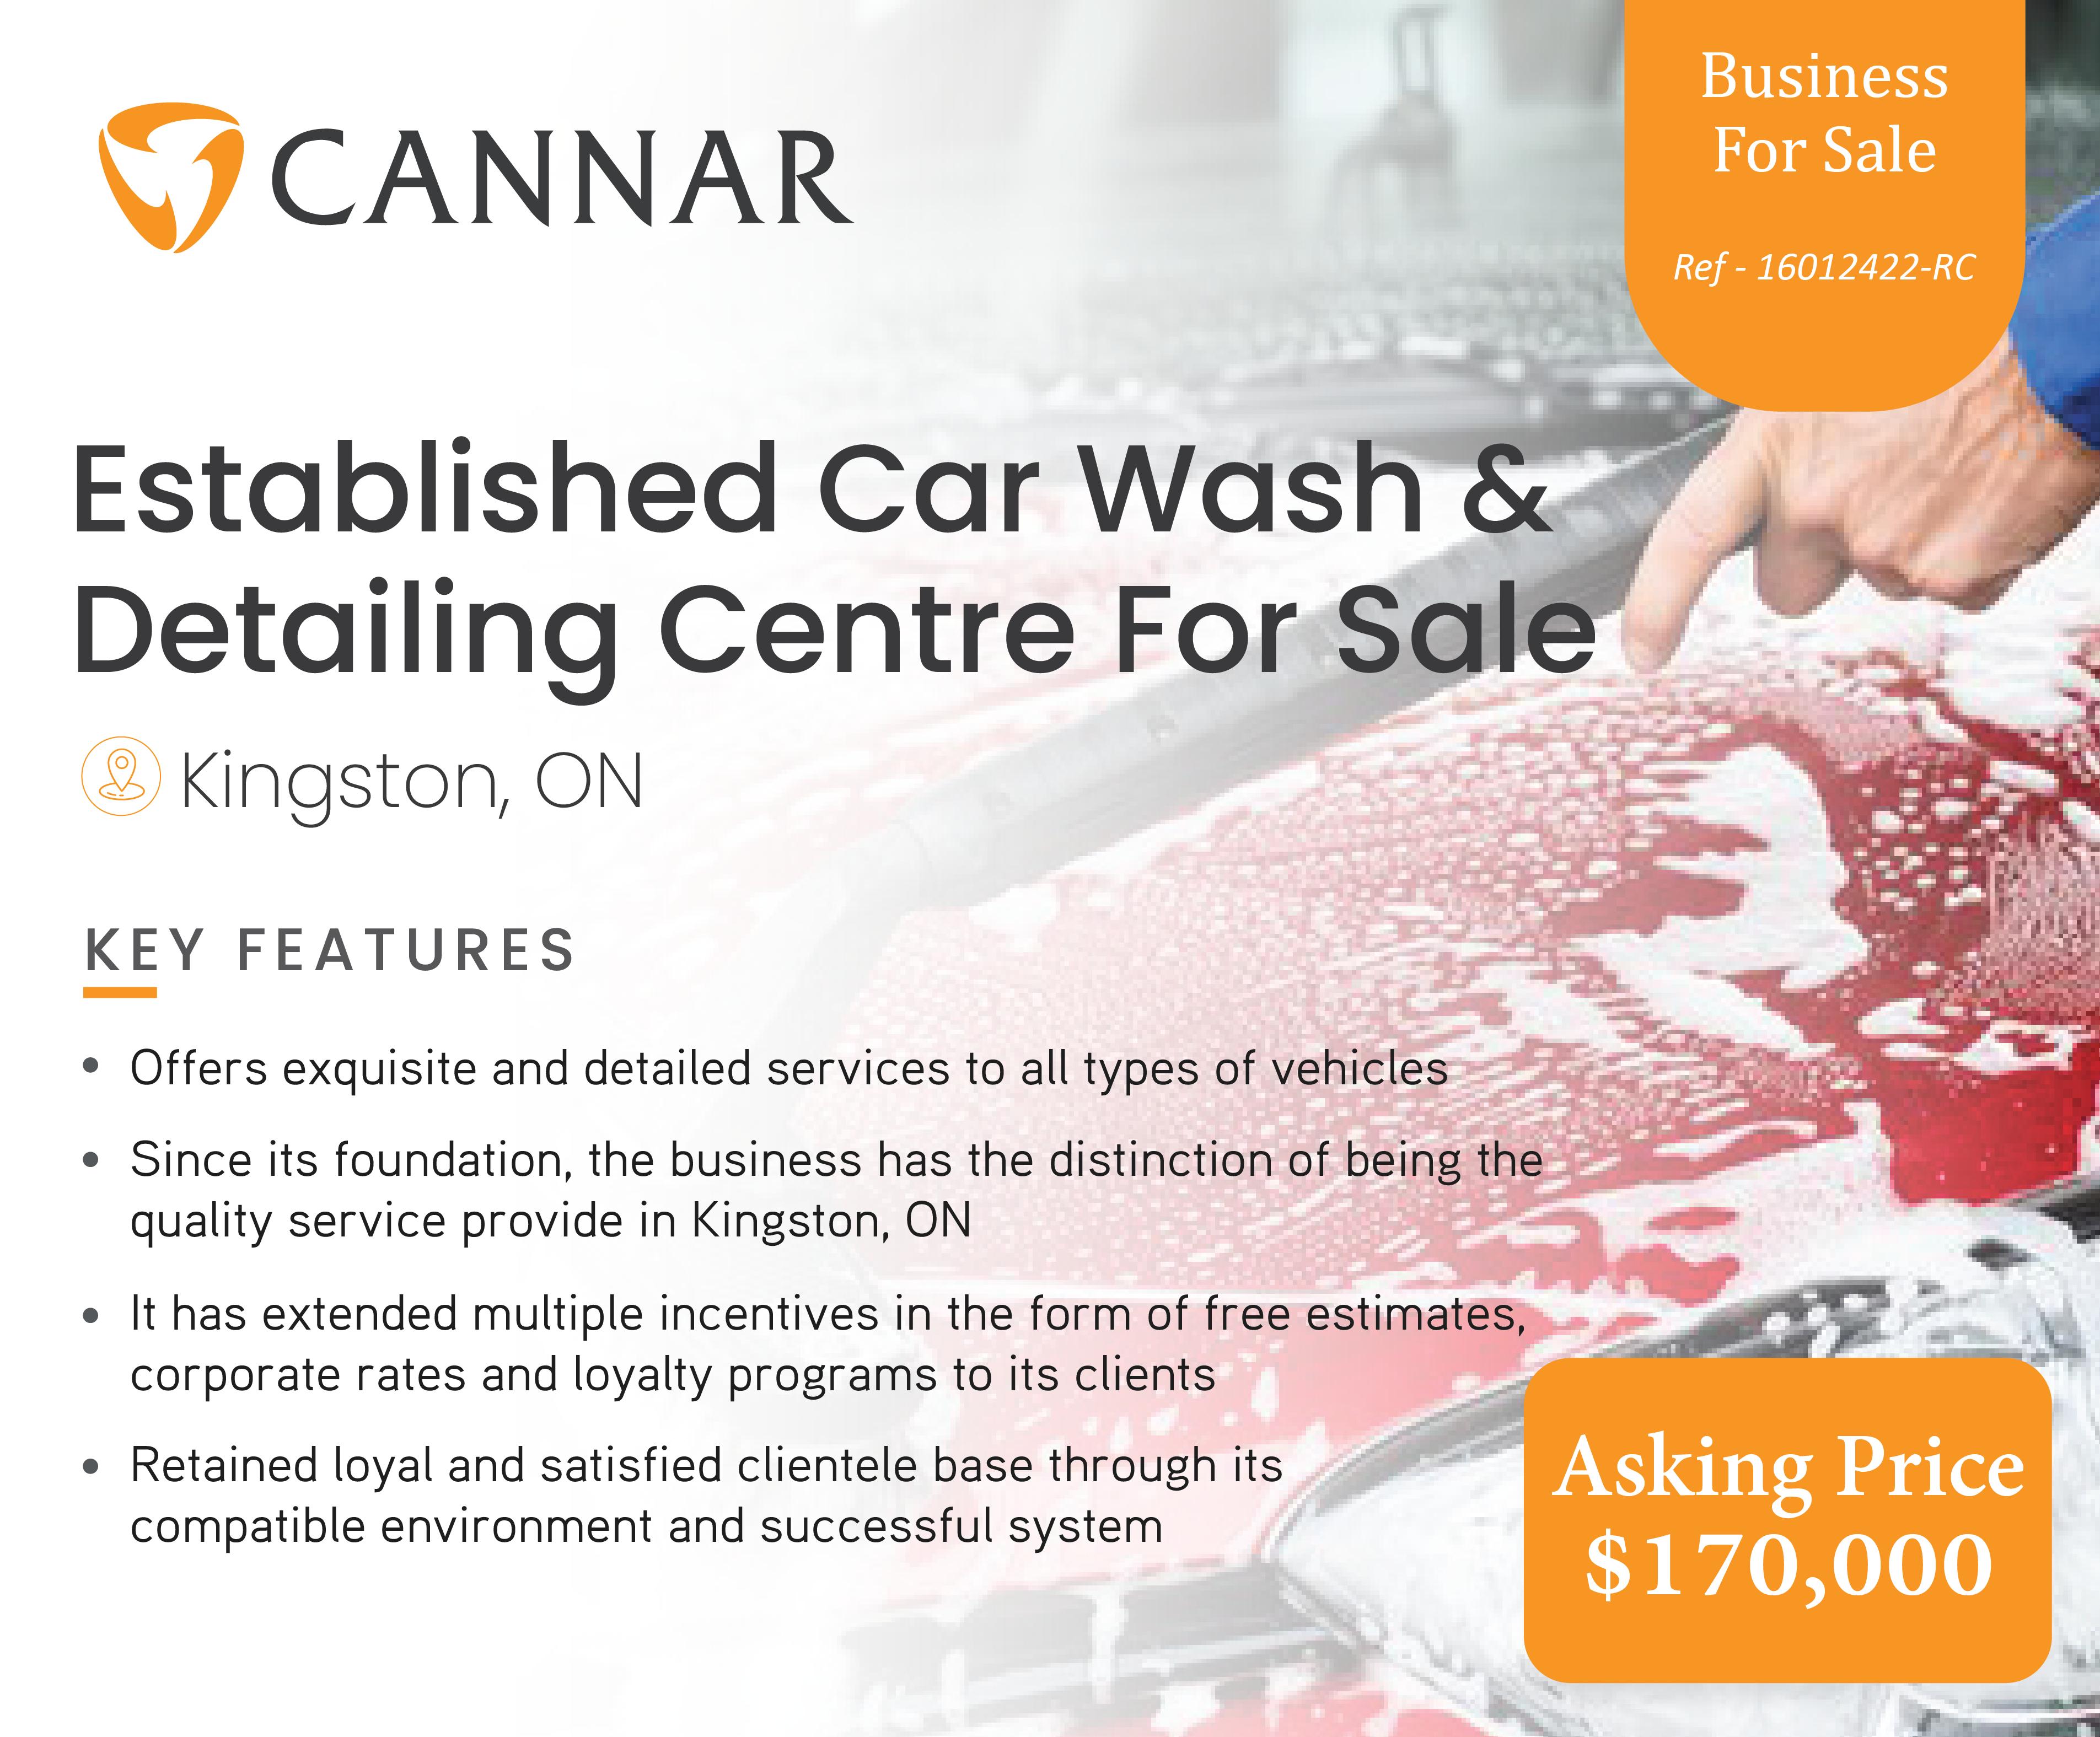 Established Car Wash & Detailing Centre For Sale In Kingston, ON